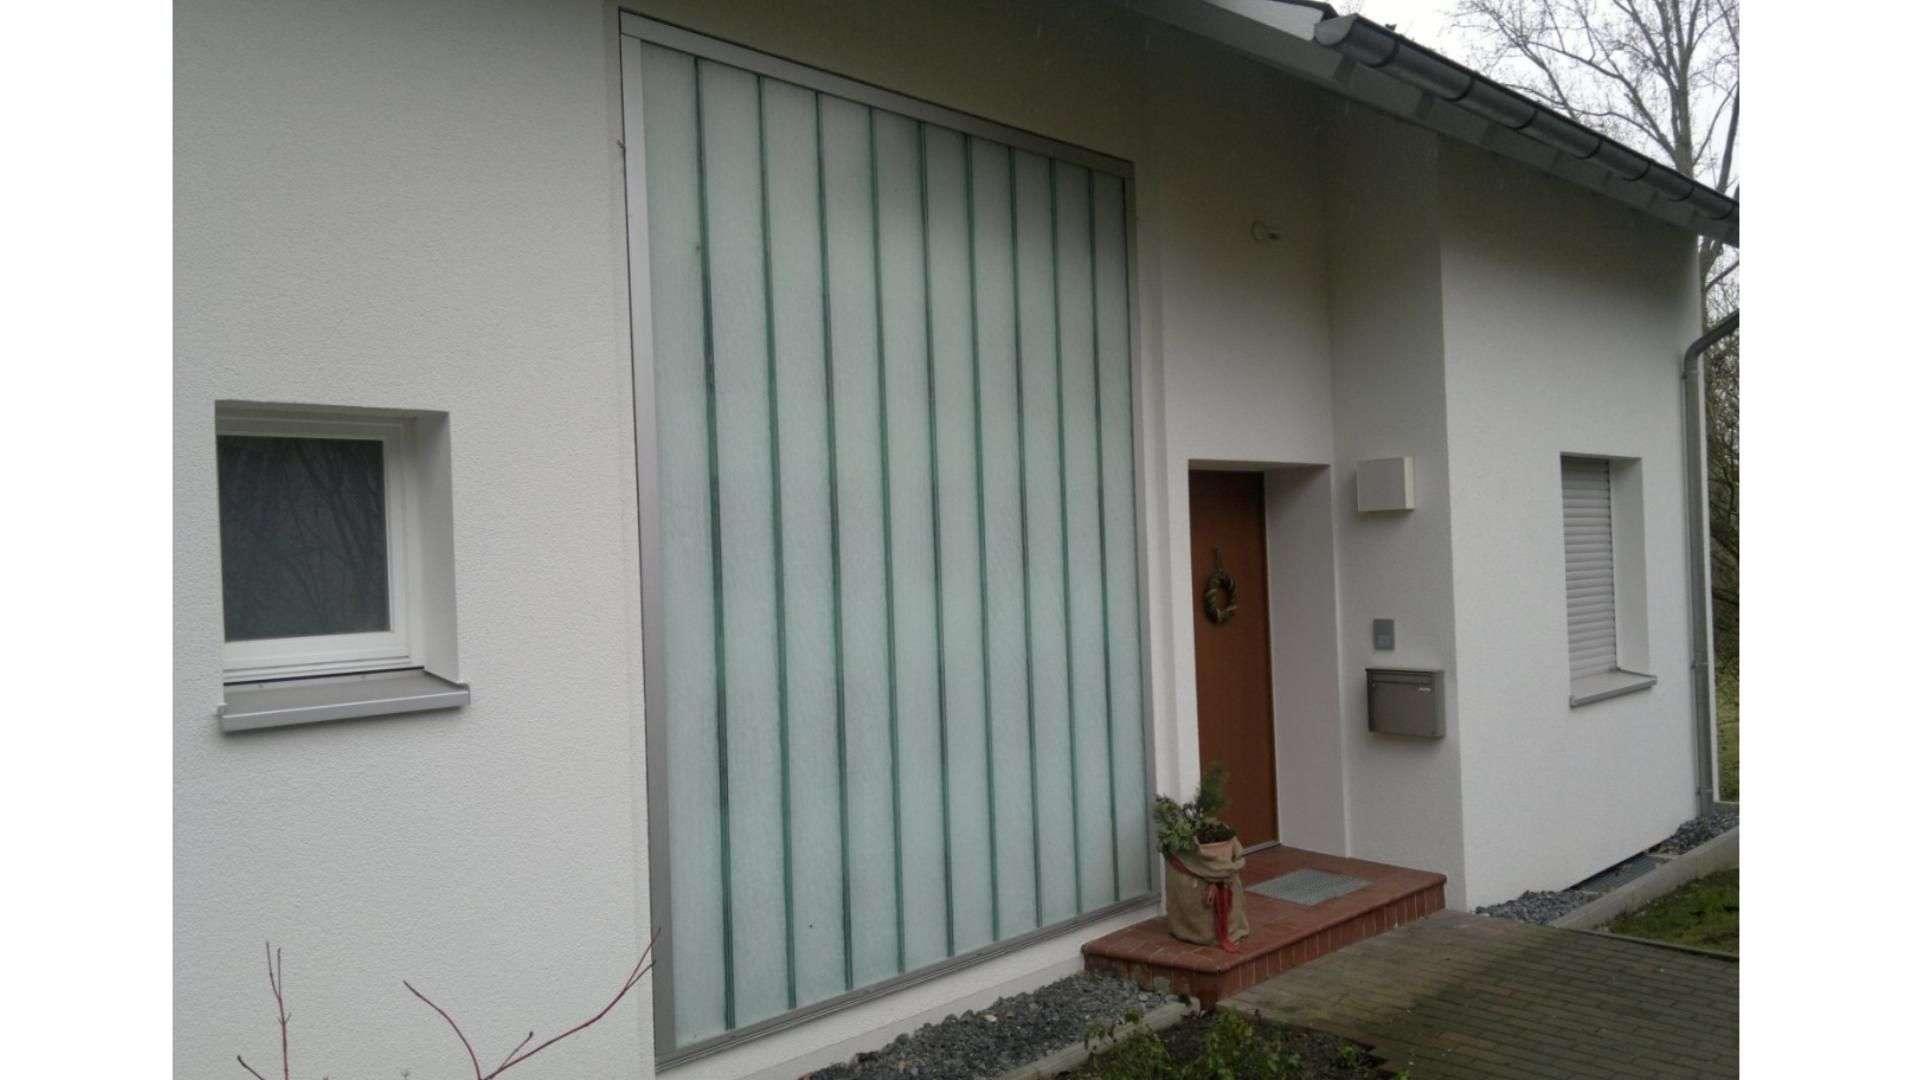 Milchglaselement in der Fassade eines Einfamilienhauses